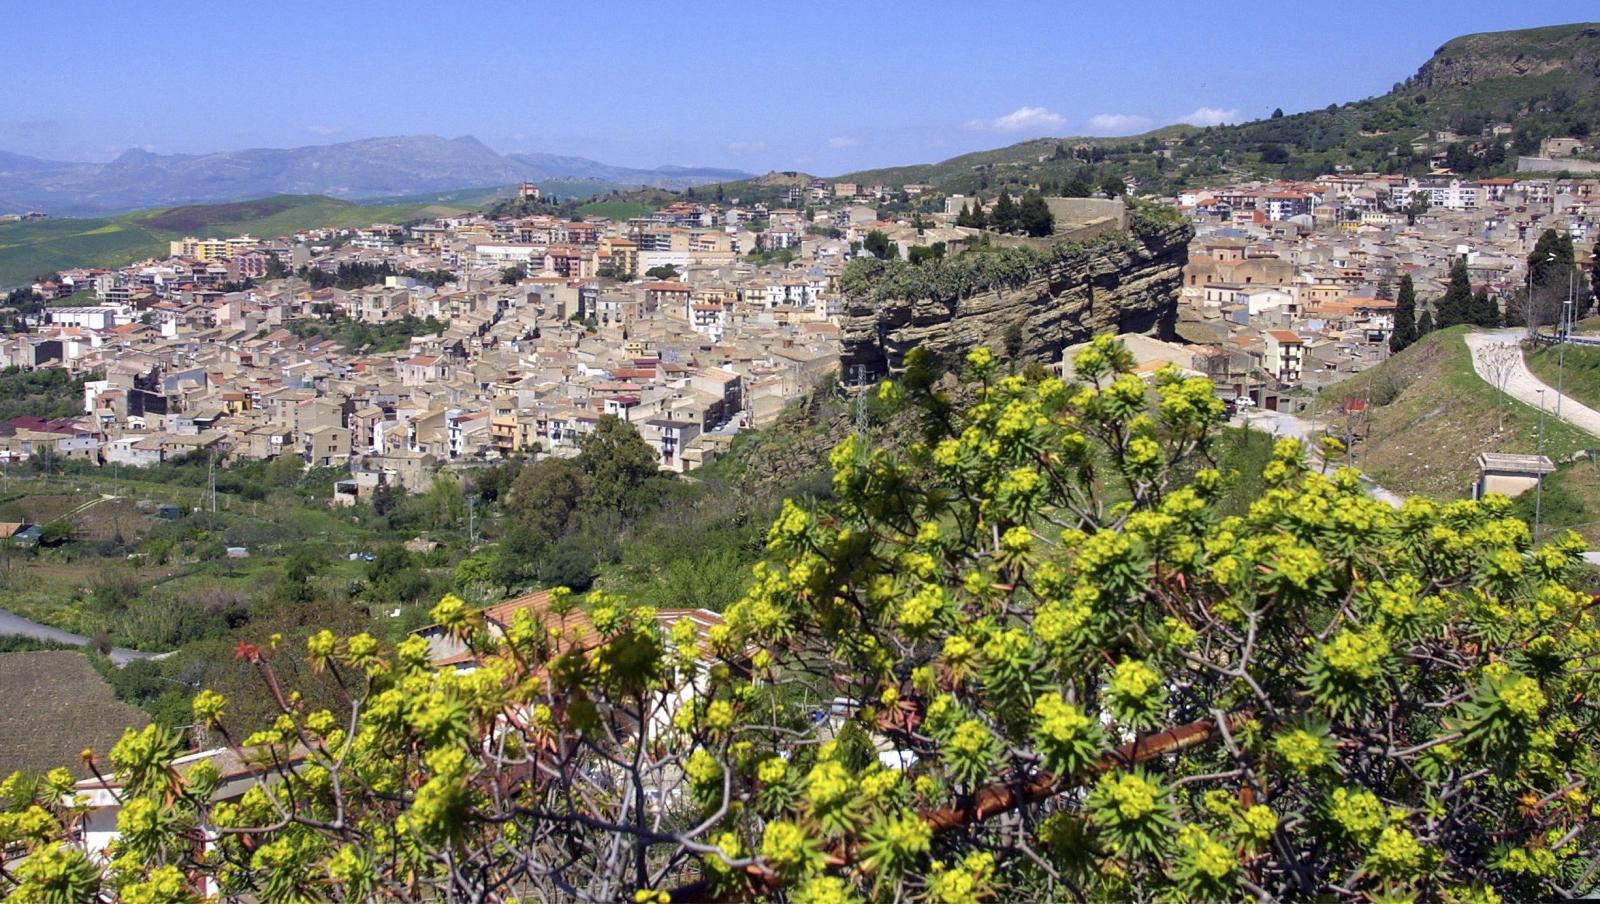 Corleone, Sicily